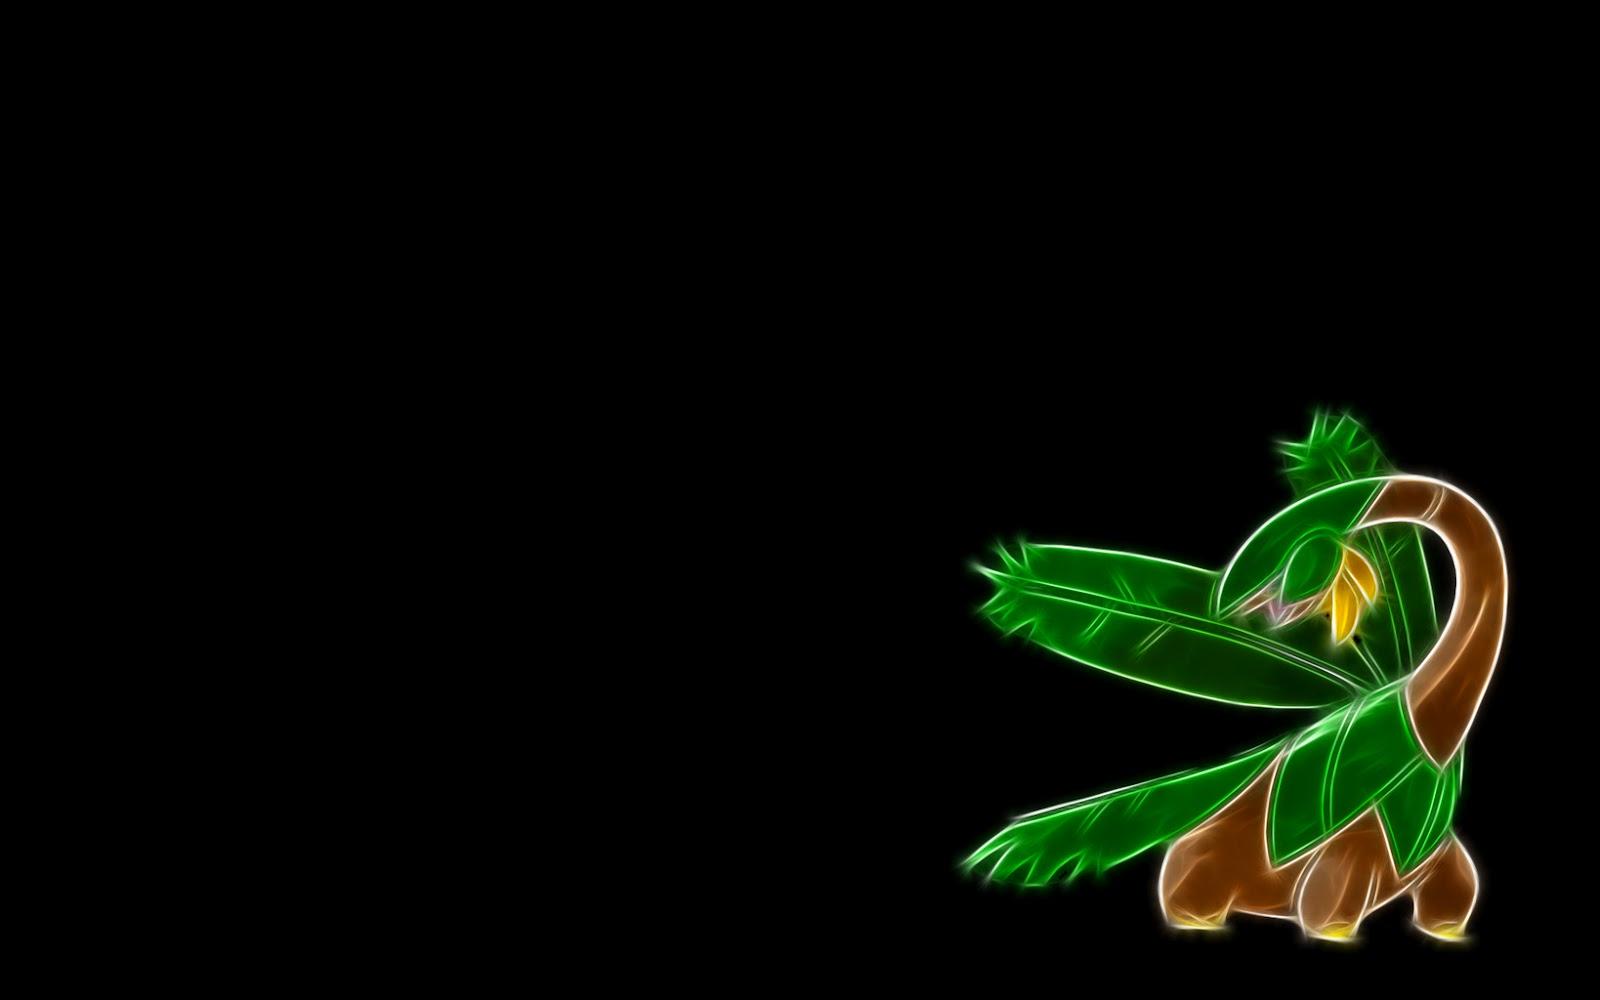 http://4.bp.blogspot.com/--AHpNrFrk6M/UB6uA0DXShI/AAAAAAAAD_I/gy5dxh1C3og/s1600/Pokemon+Wall++%25284%2529.jpeg